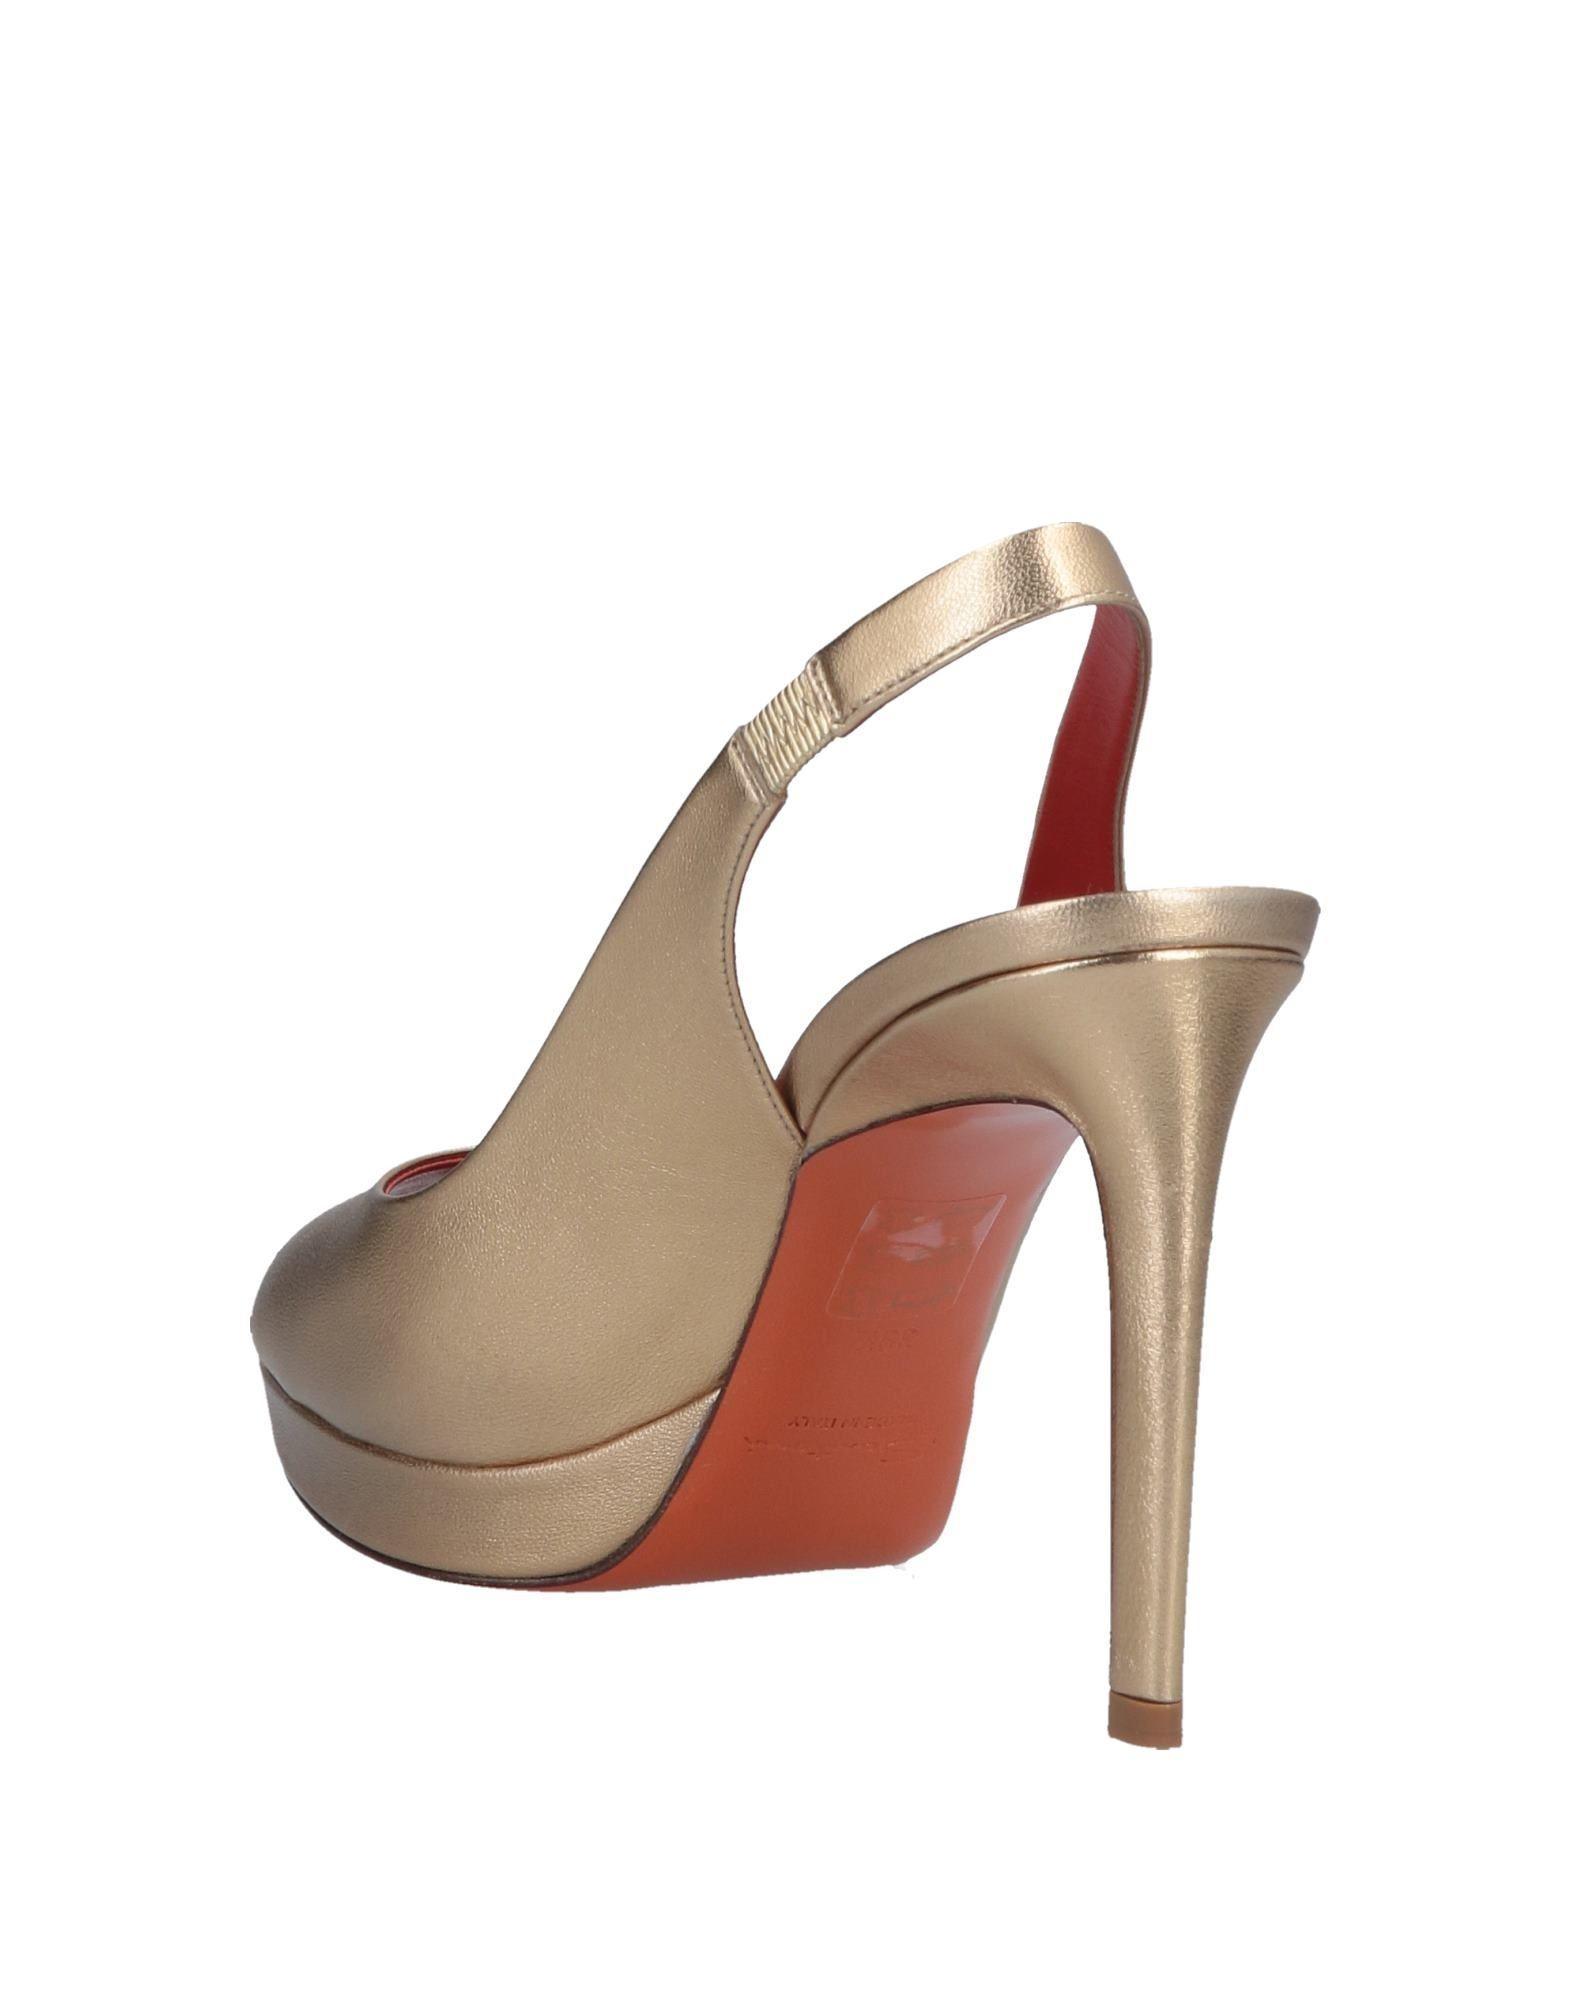 b2b14d0a836f Lyst - Santoni Sandals in Metallic